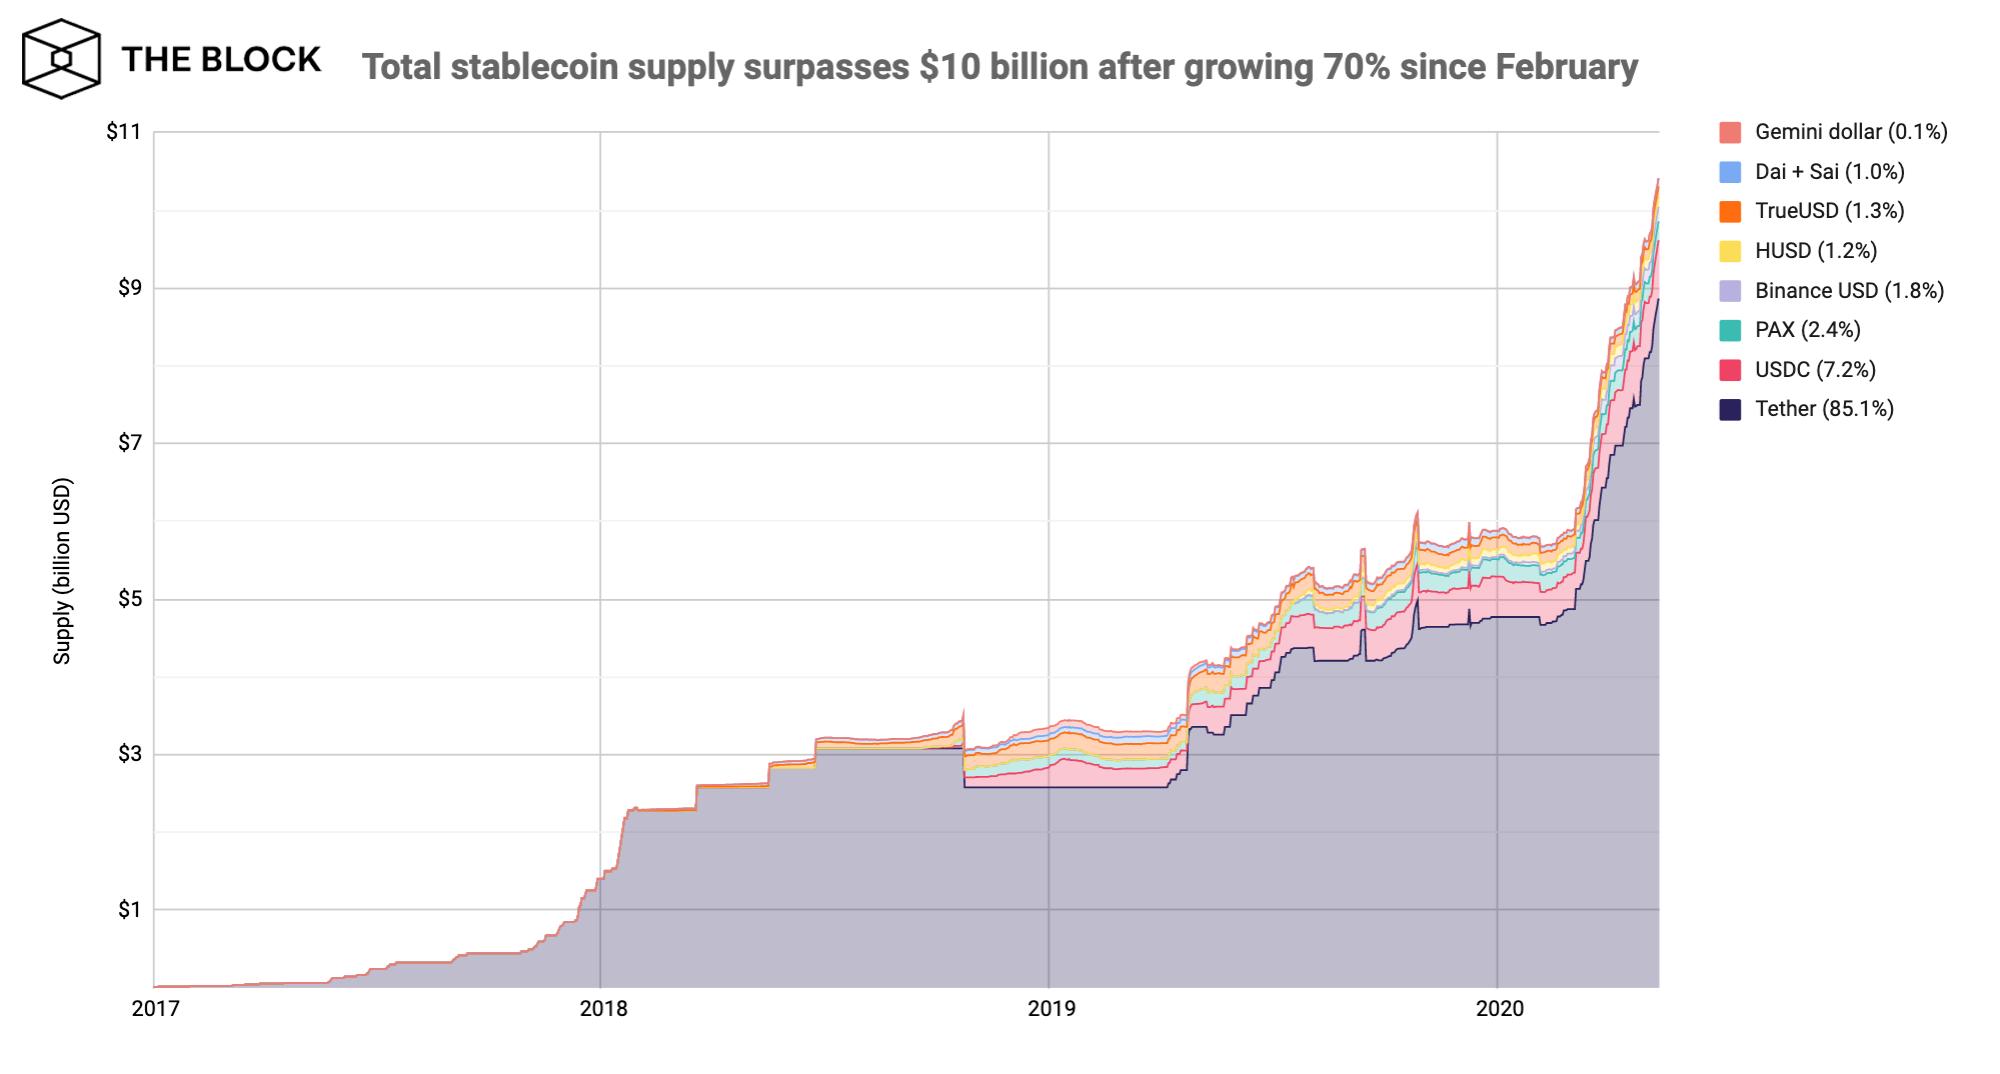 Crecimiento de las stablecoins en los últimos años